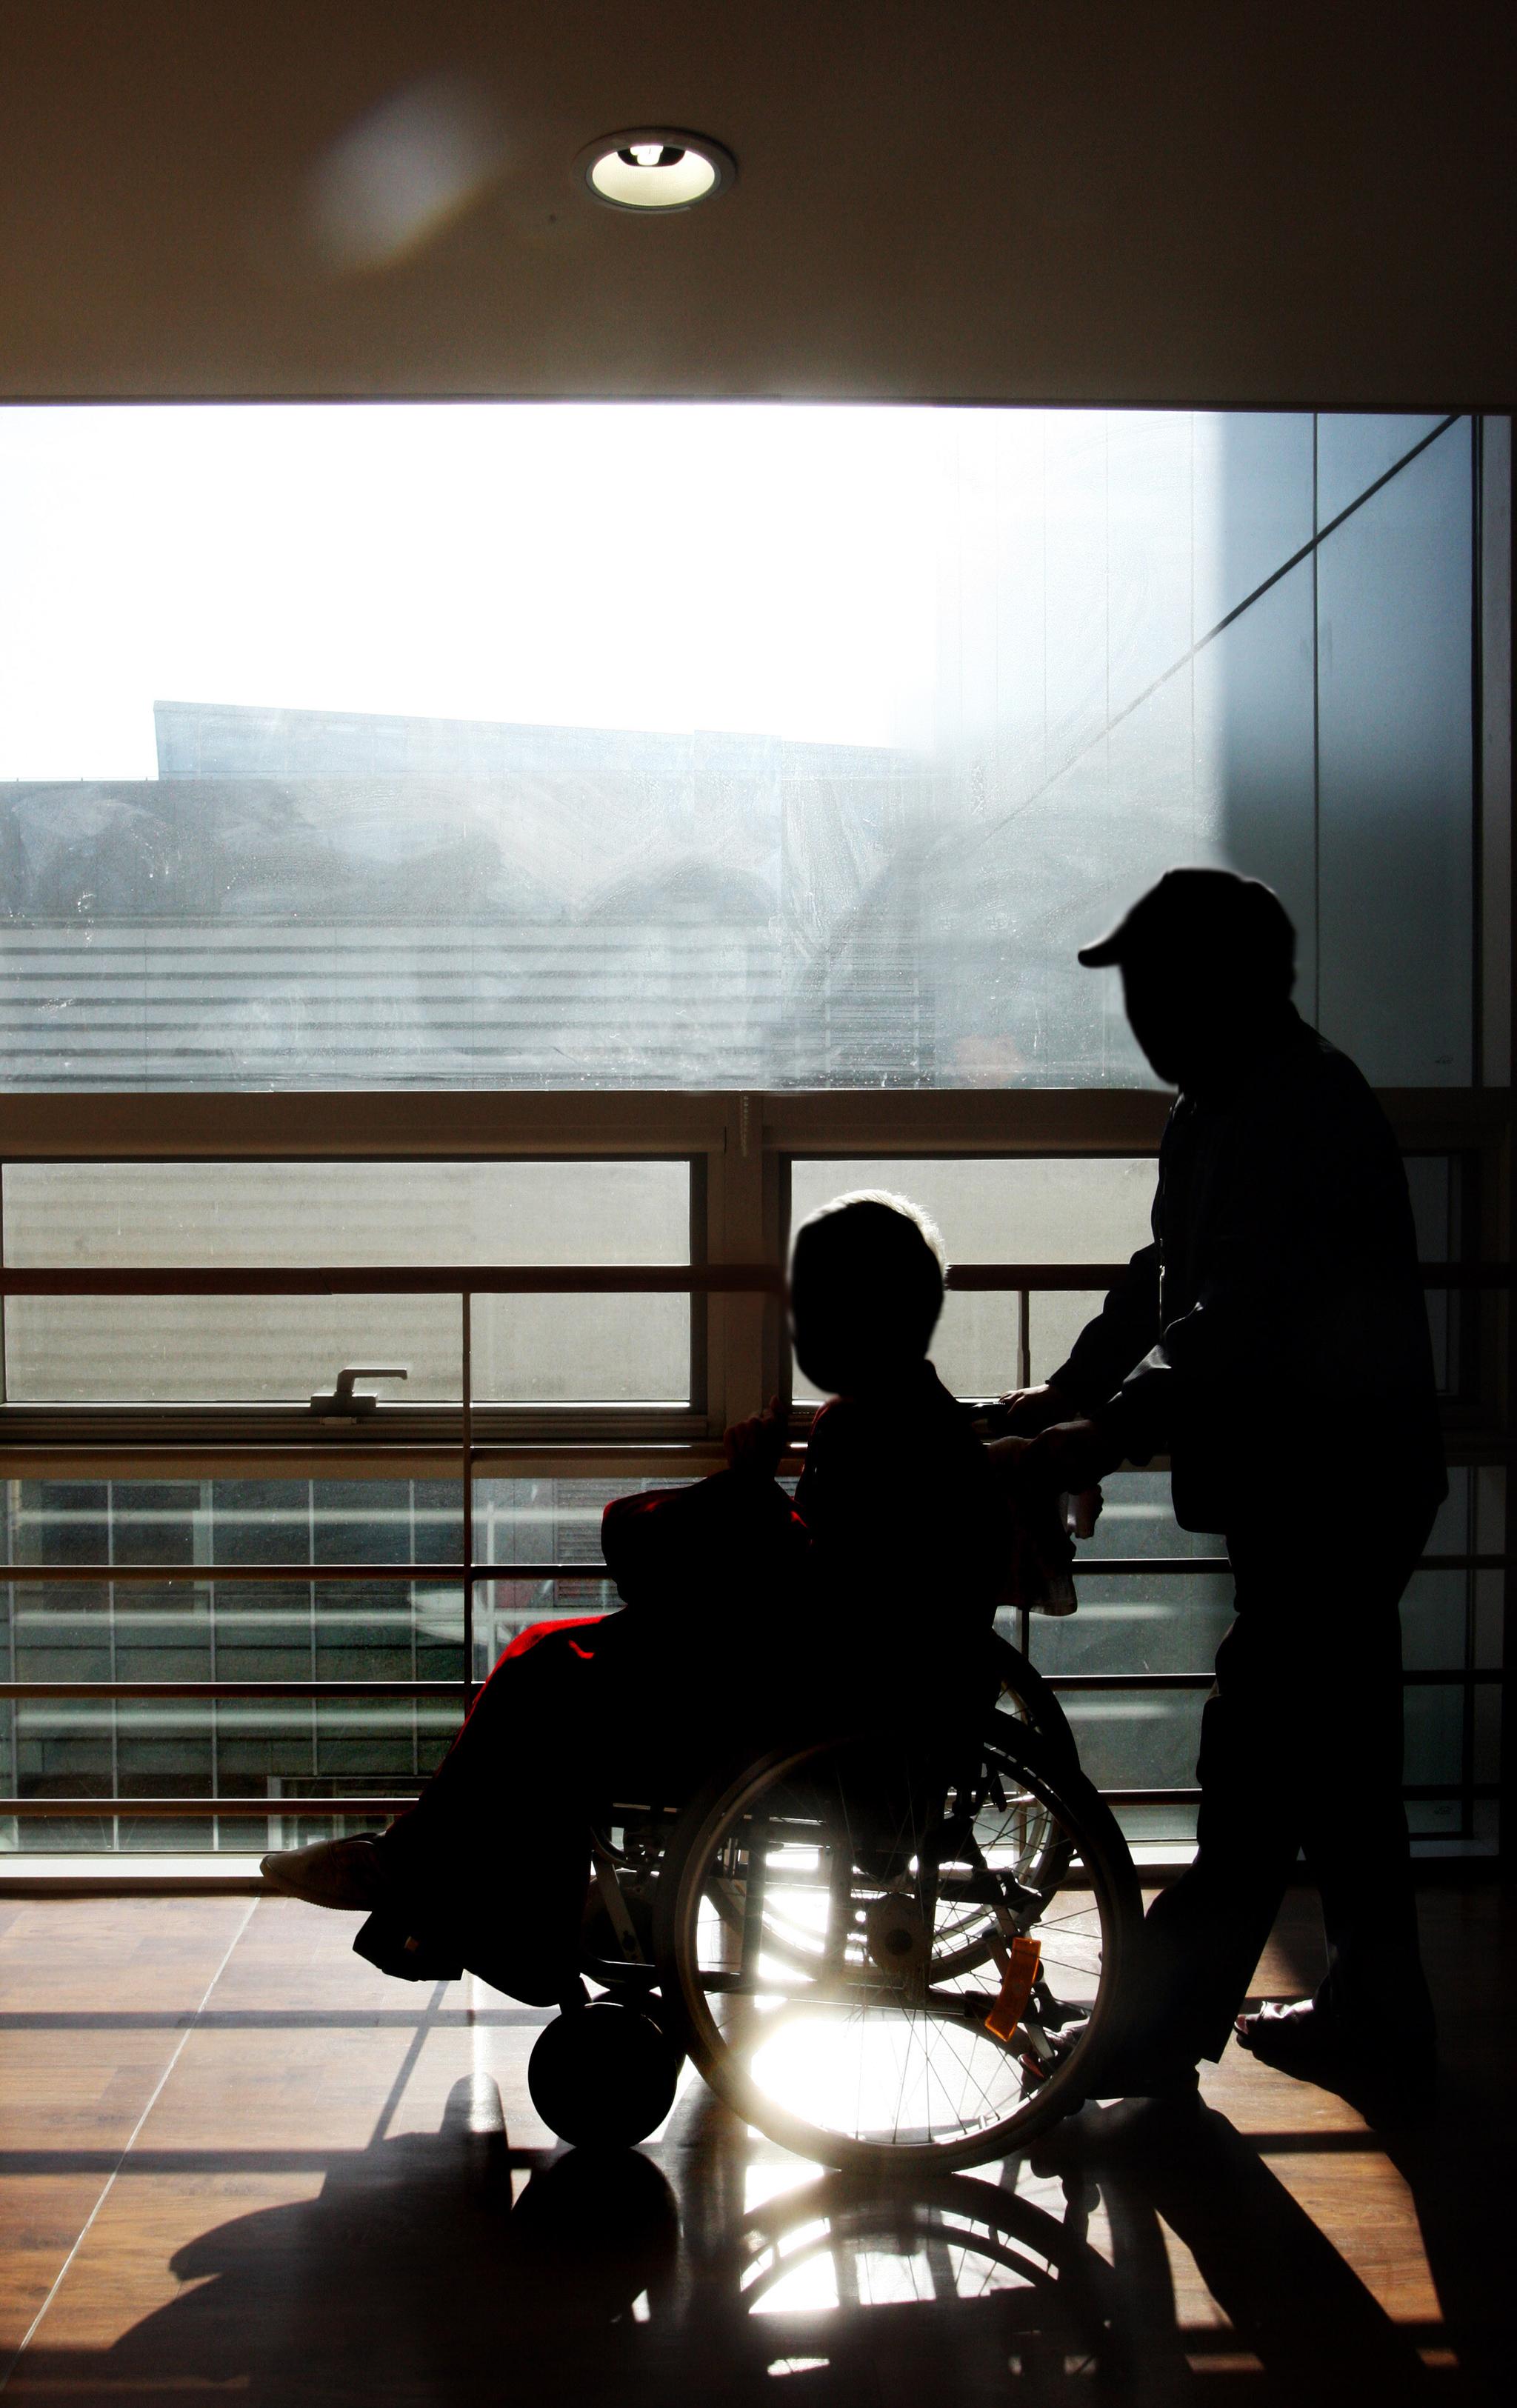 노인 진료비 증가 등에 따라 올해 상반기 건강보험 진료비가 34조원으로 집계됐다. [중앙포토]